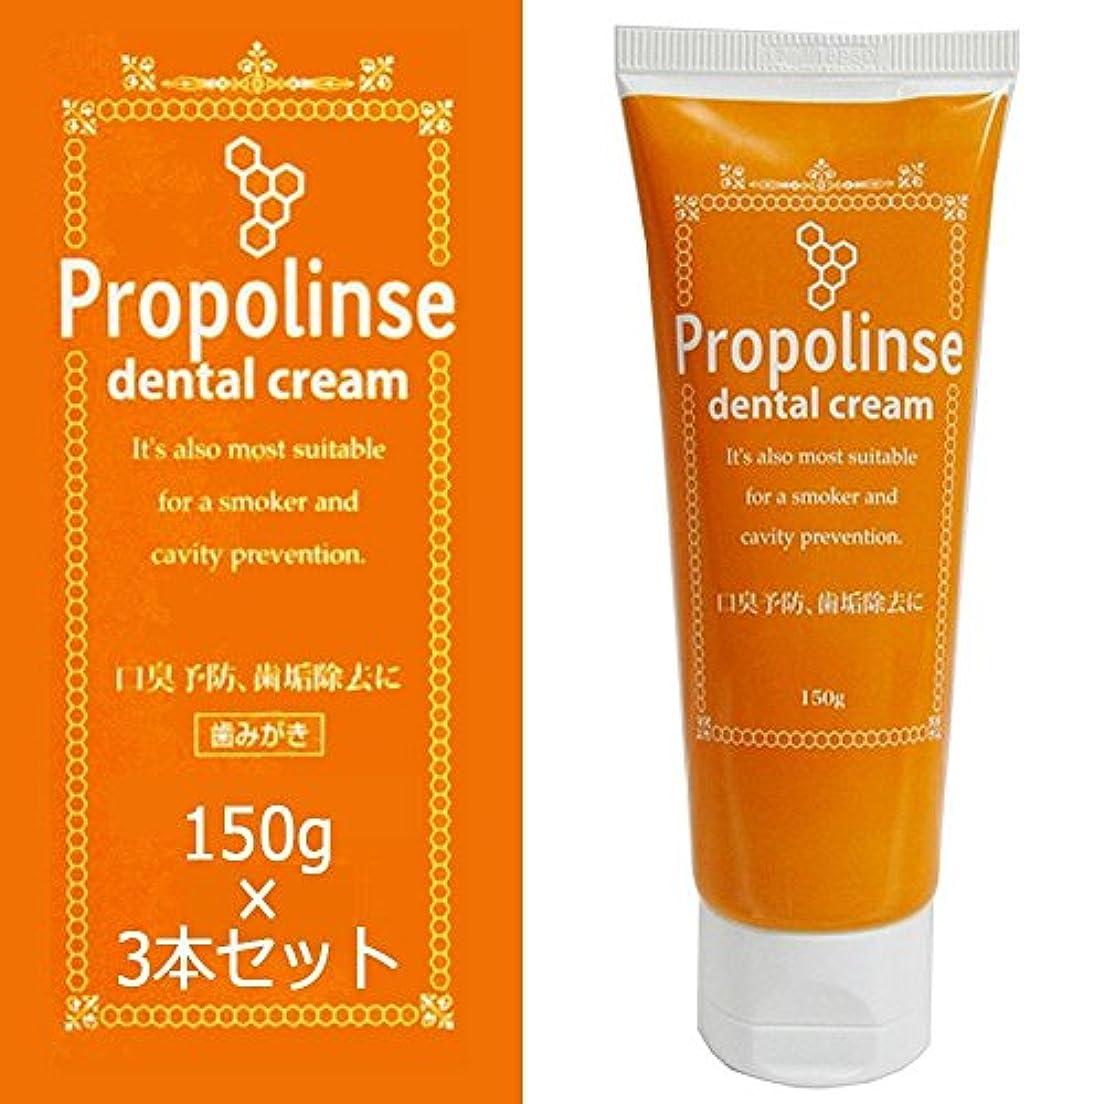 餌小康クッションプロポリンス デンタルクリーム(歯みがき) 150g×3個セット